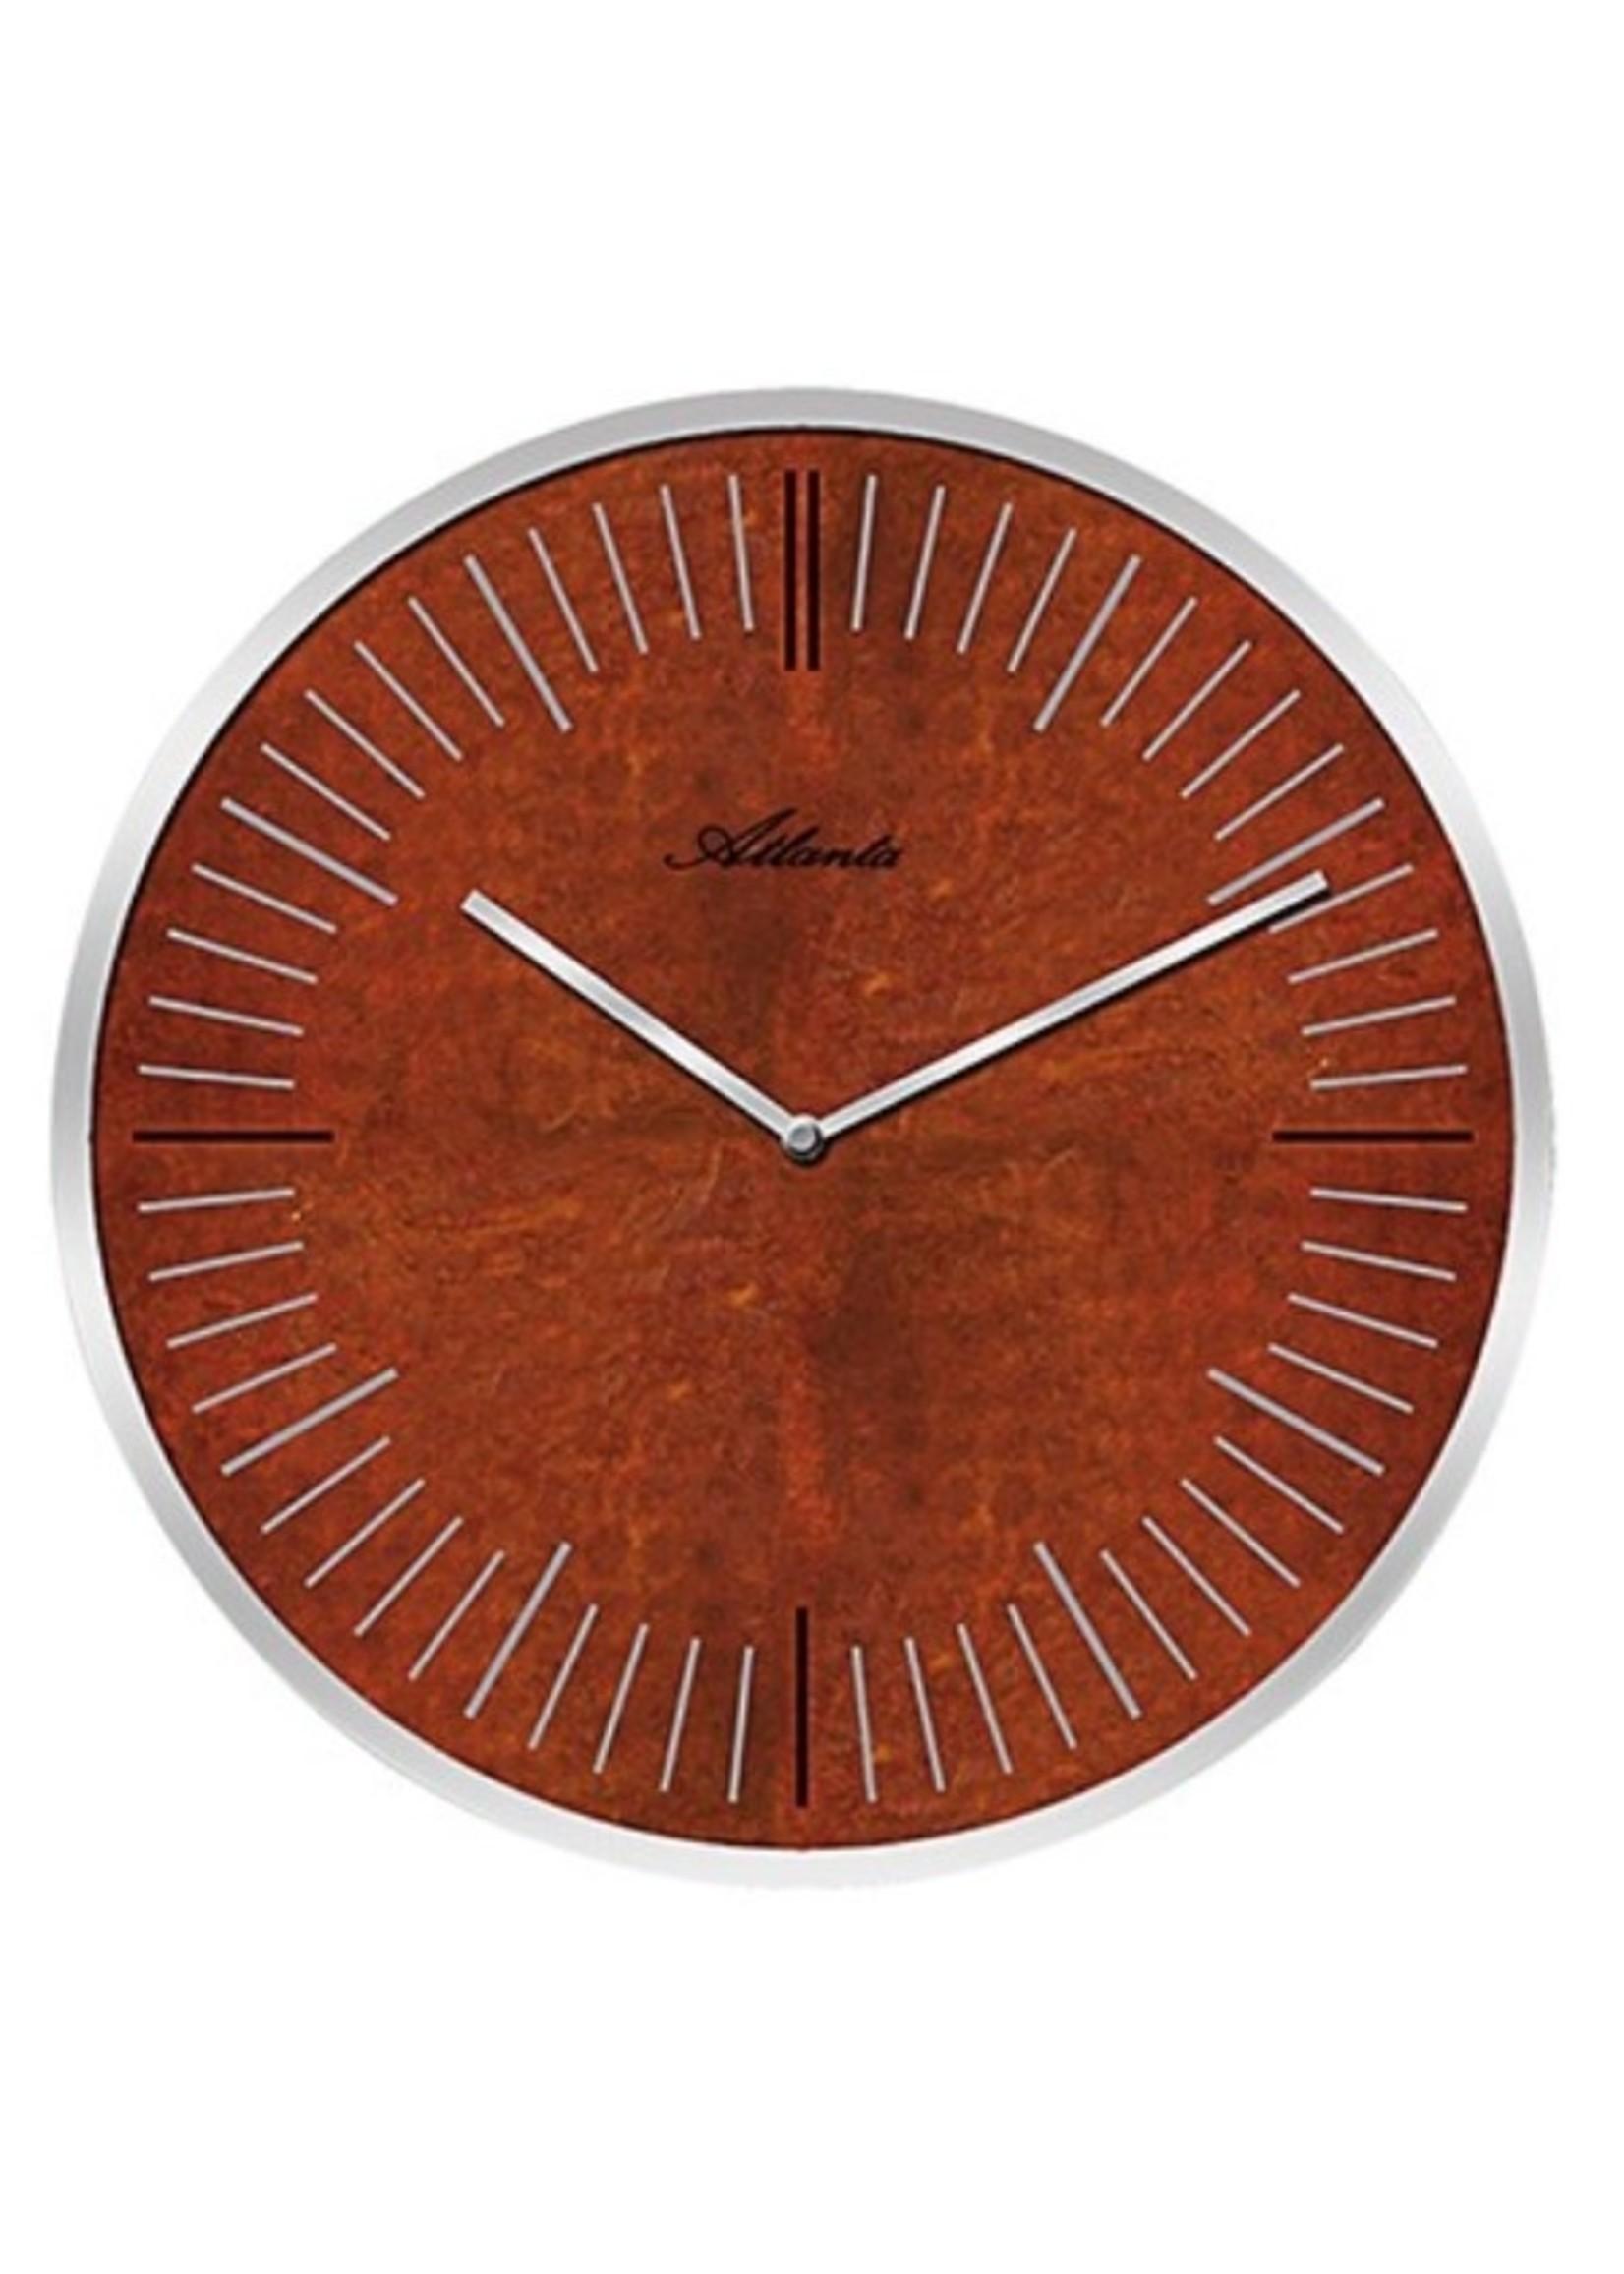 Atlanta Wandklok Copper & Rust modern design